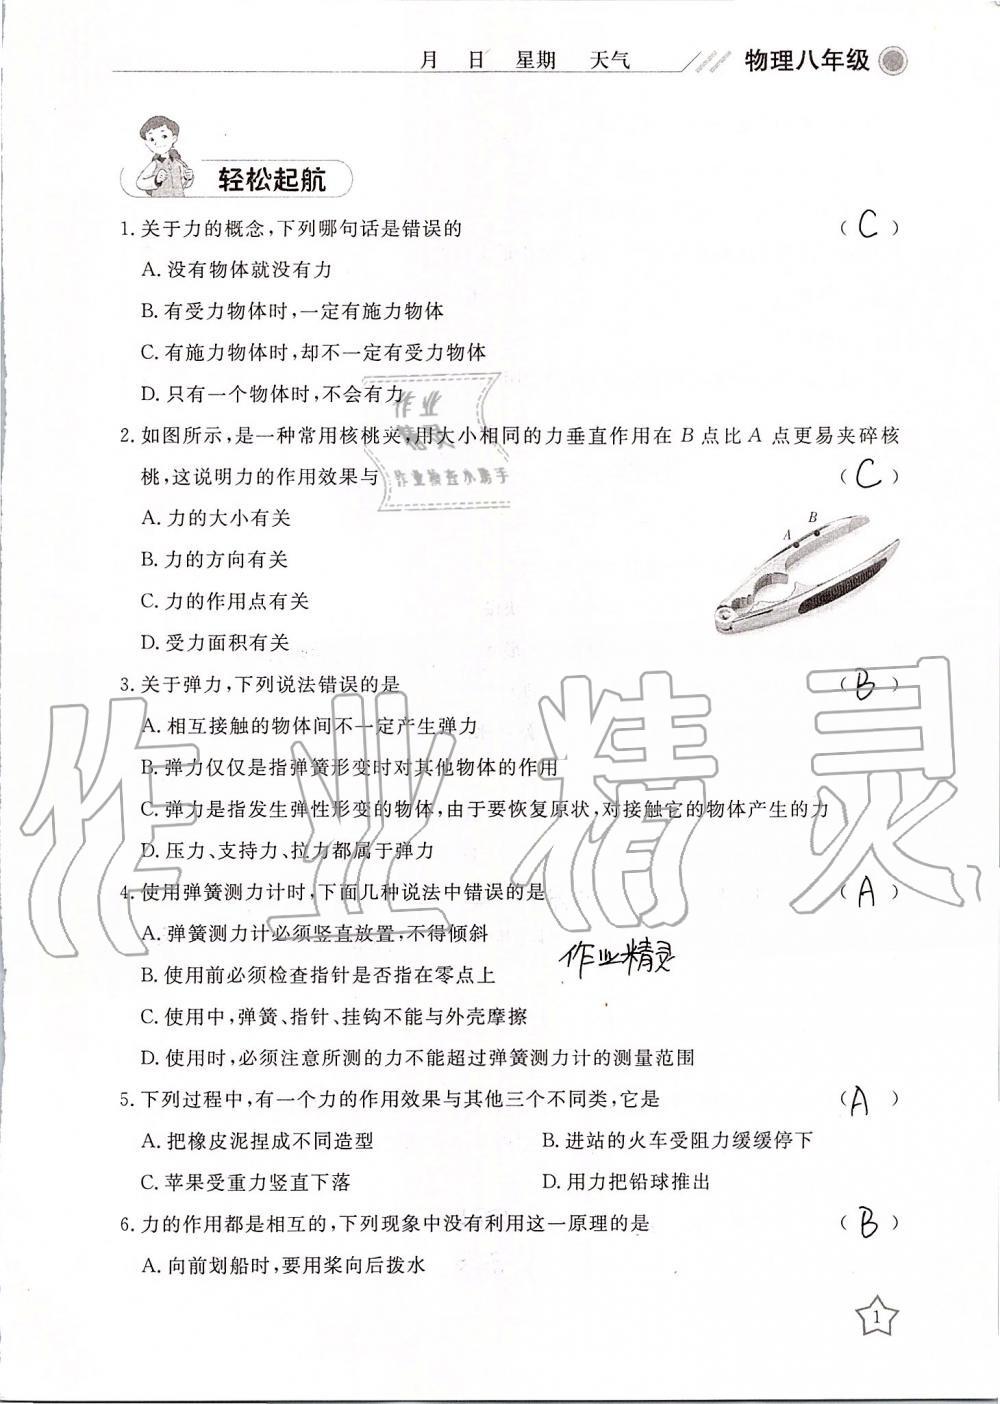 2019年湘岳假期暑假作业八年级物理第1页